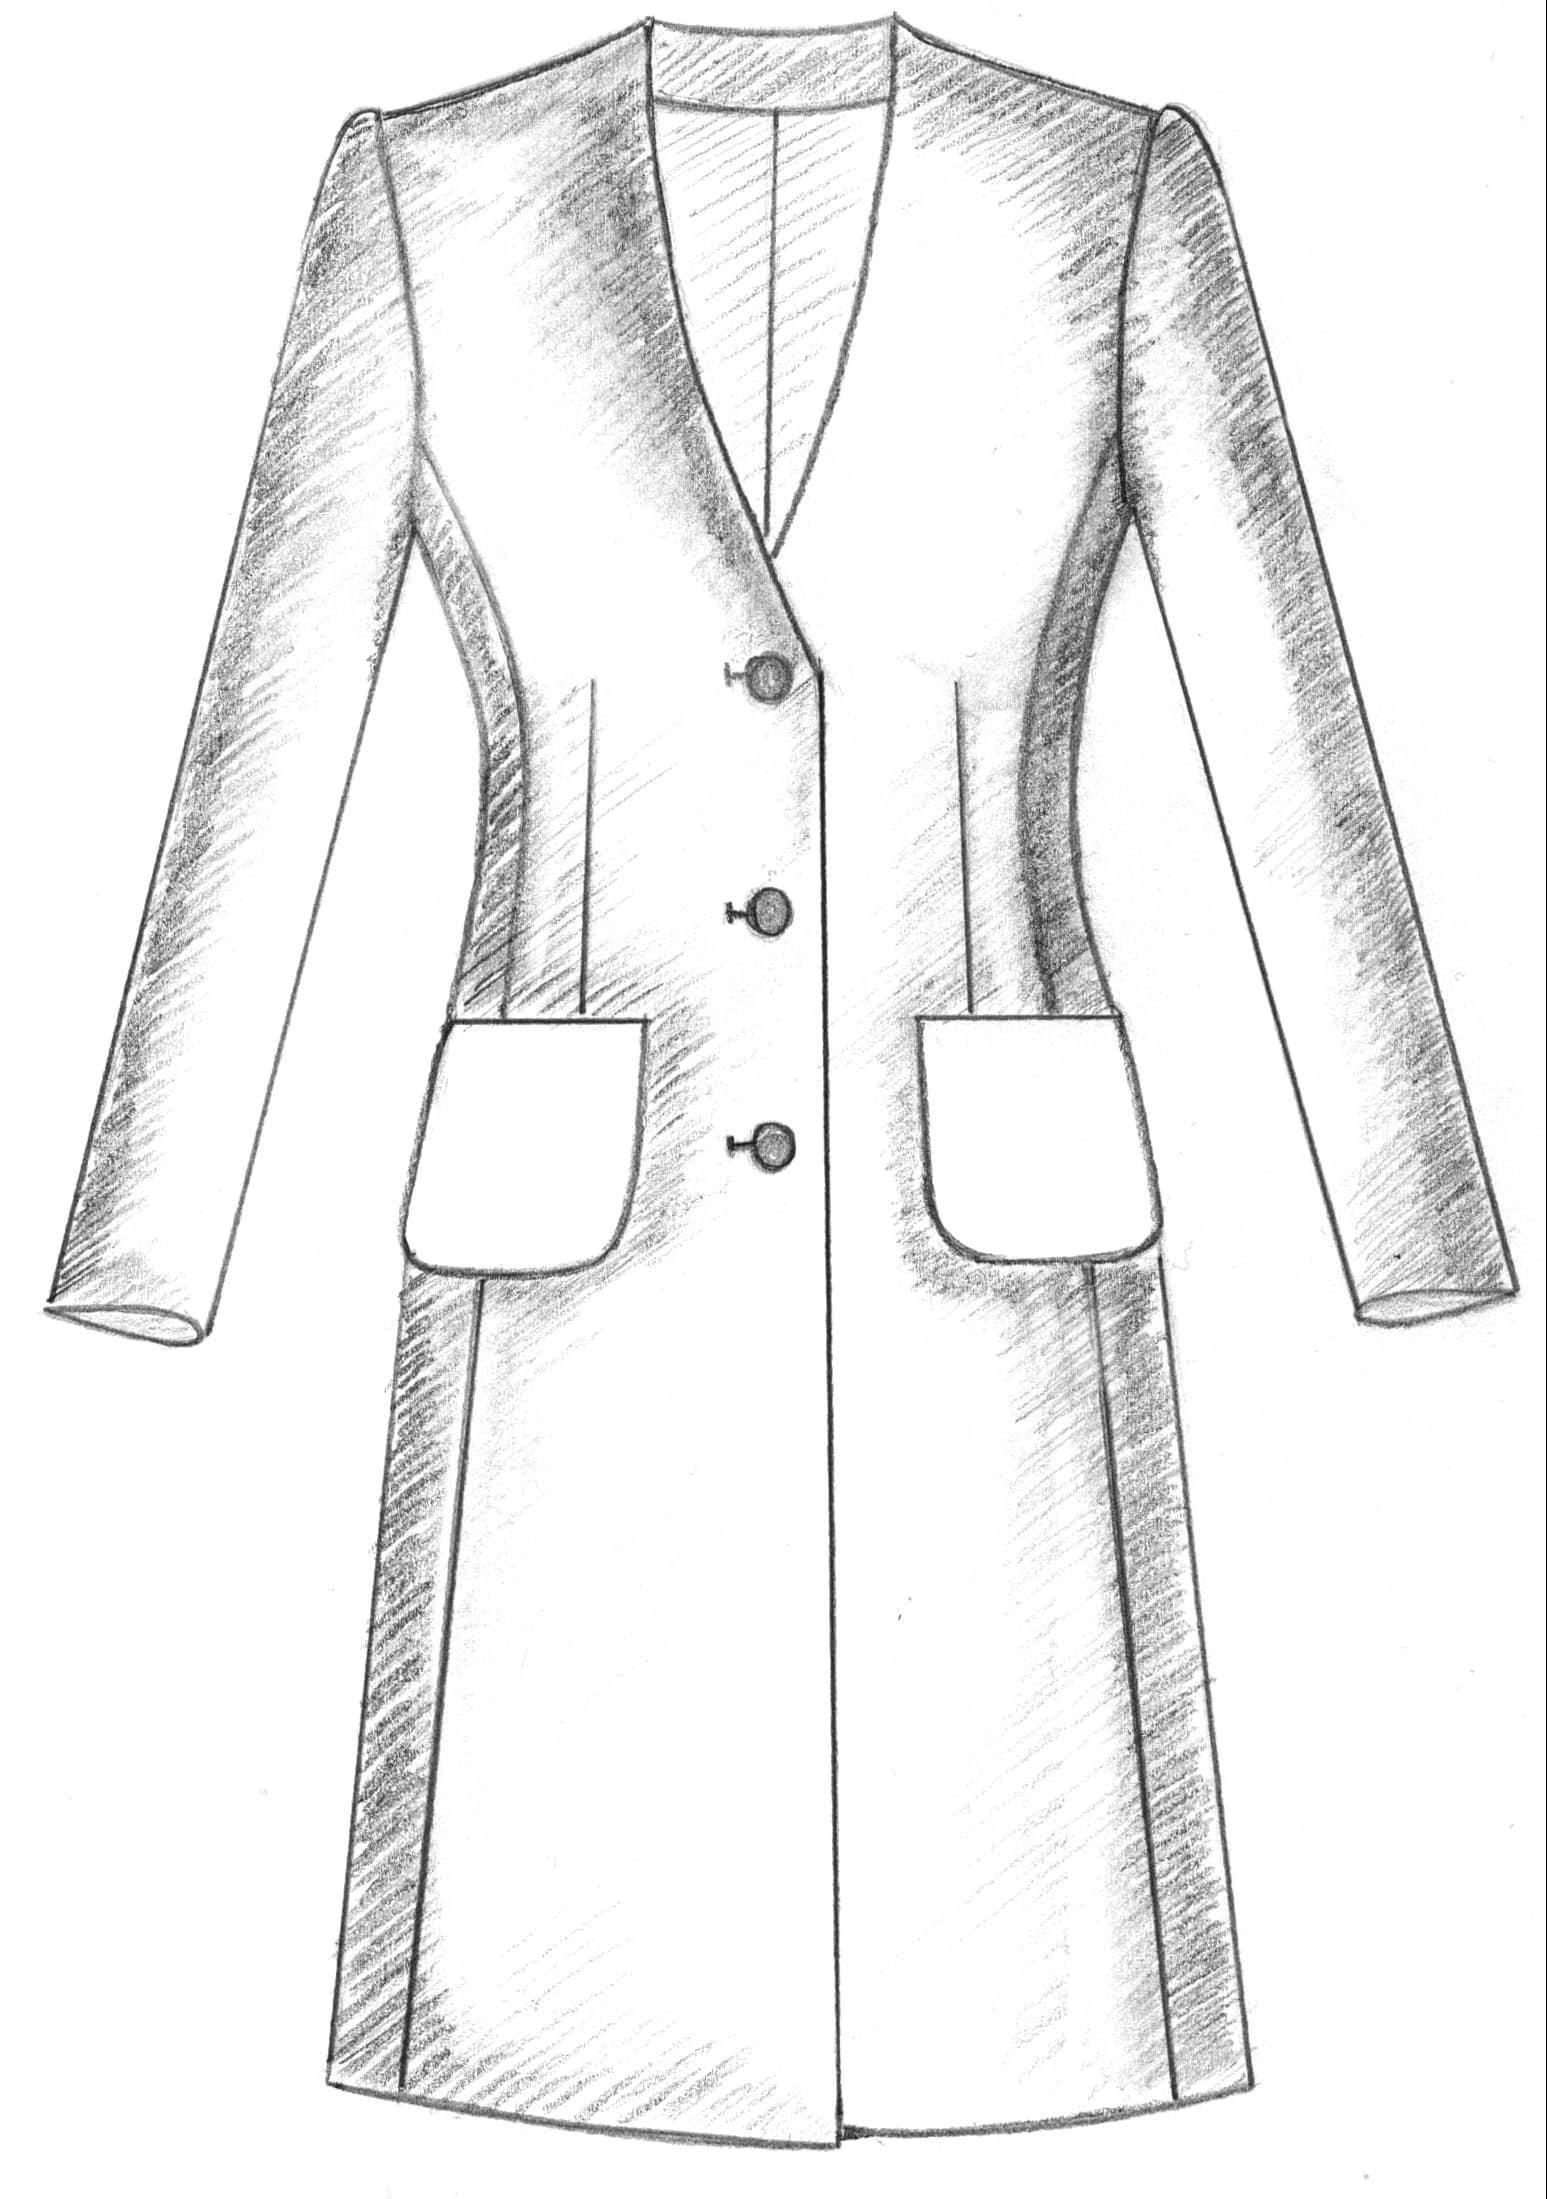 Mantel mit Cardigan Ausschnitt